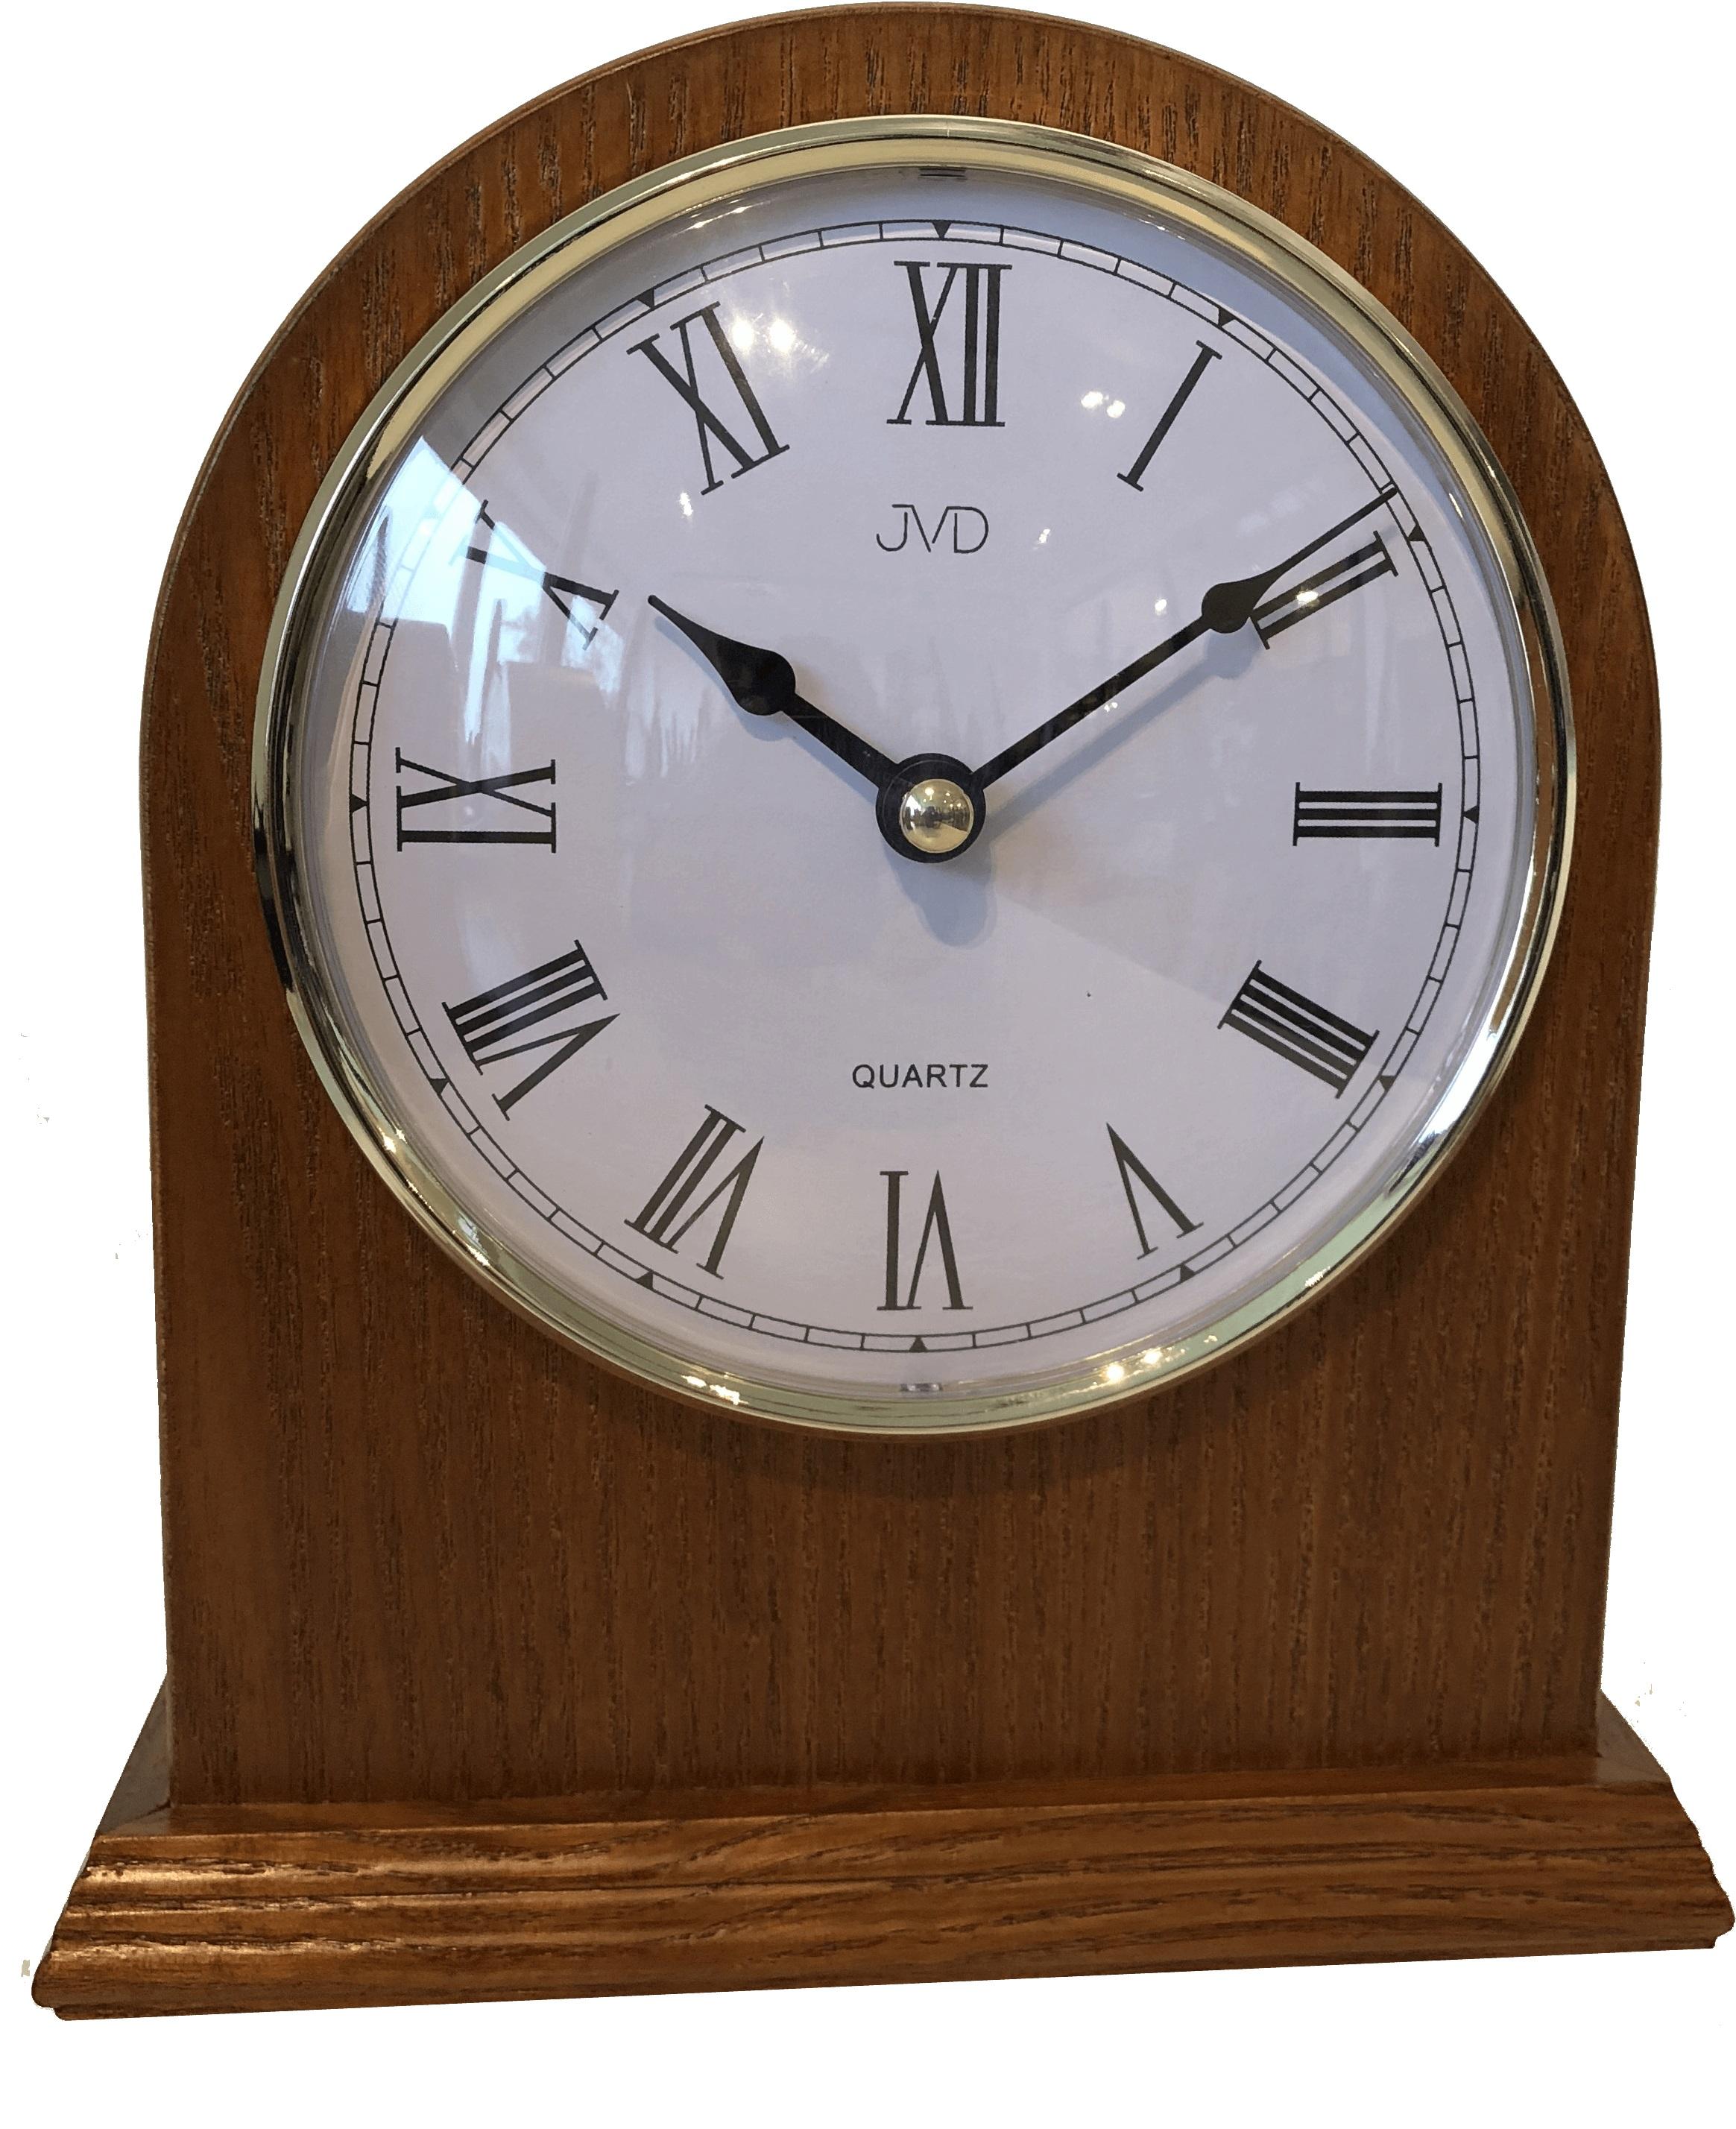 Dřevěné stolní hodiny JVD HS15.2 s římskými číslicemi (POŠTOVNÉ ZDARMA!!)